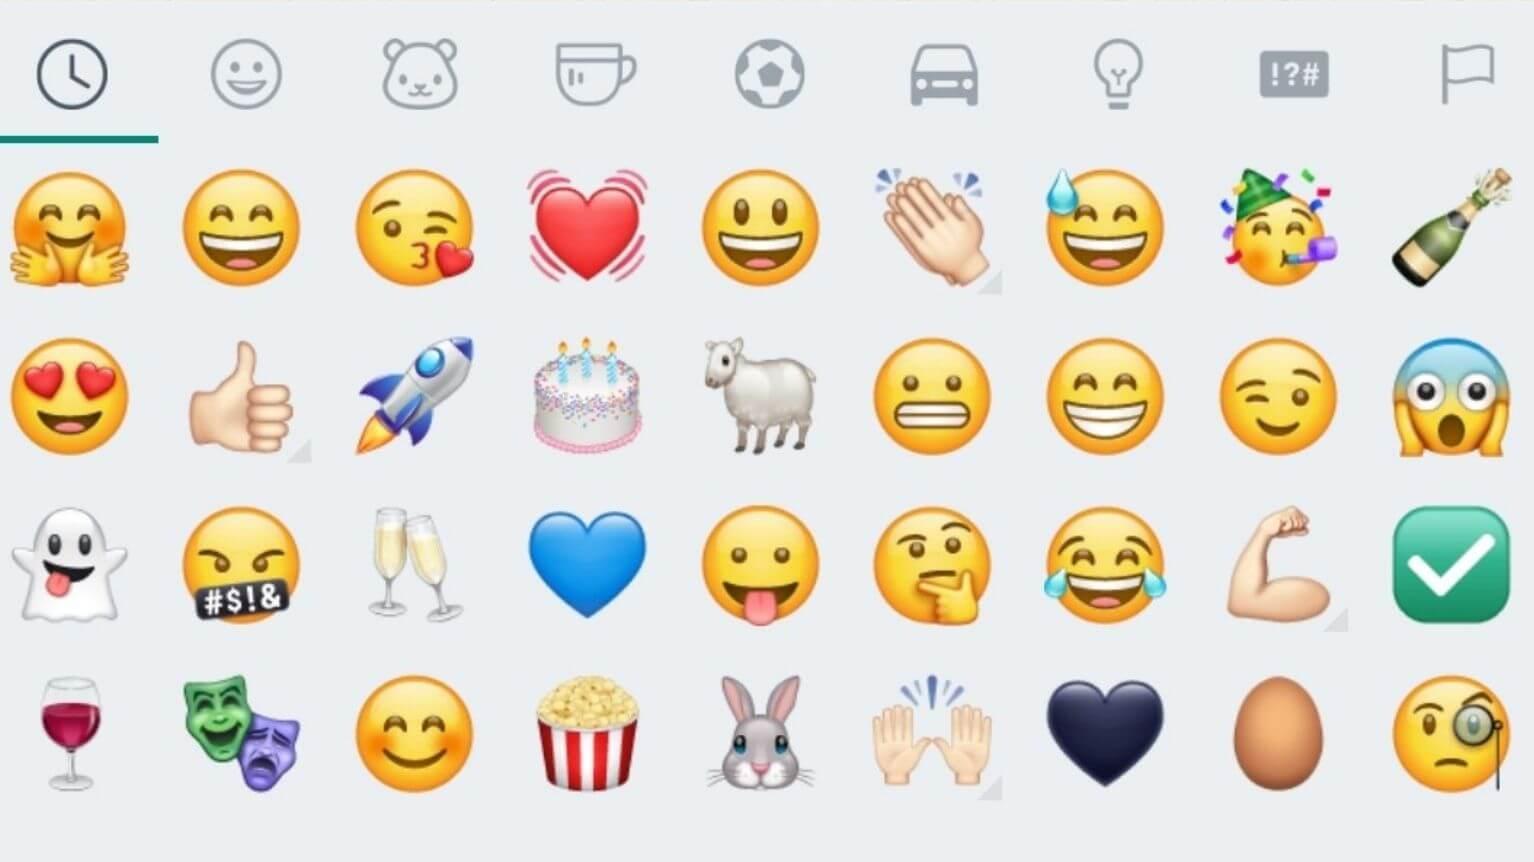 Zeichen sms smileys New Emoji